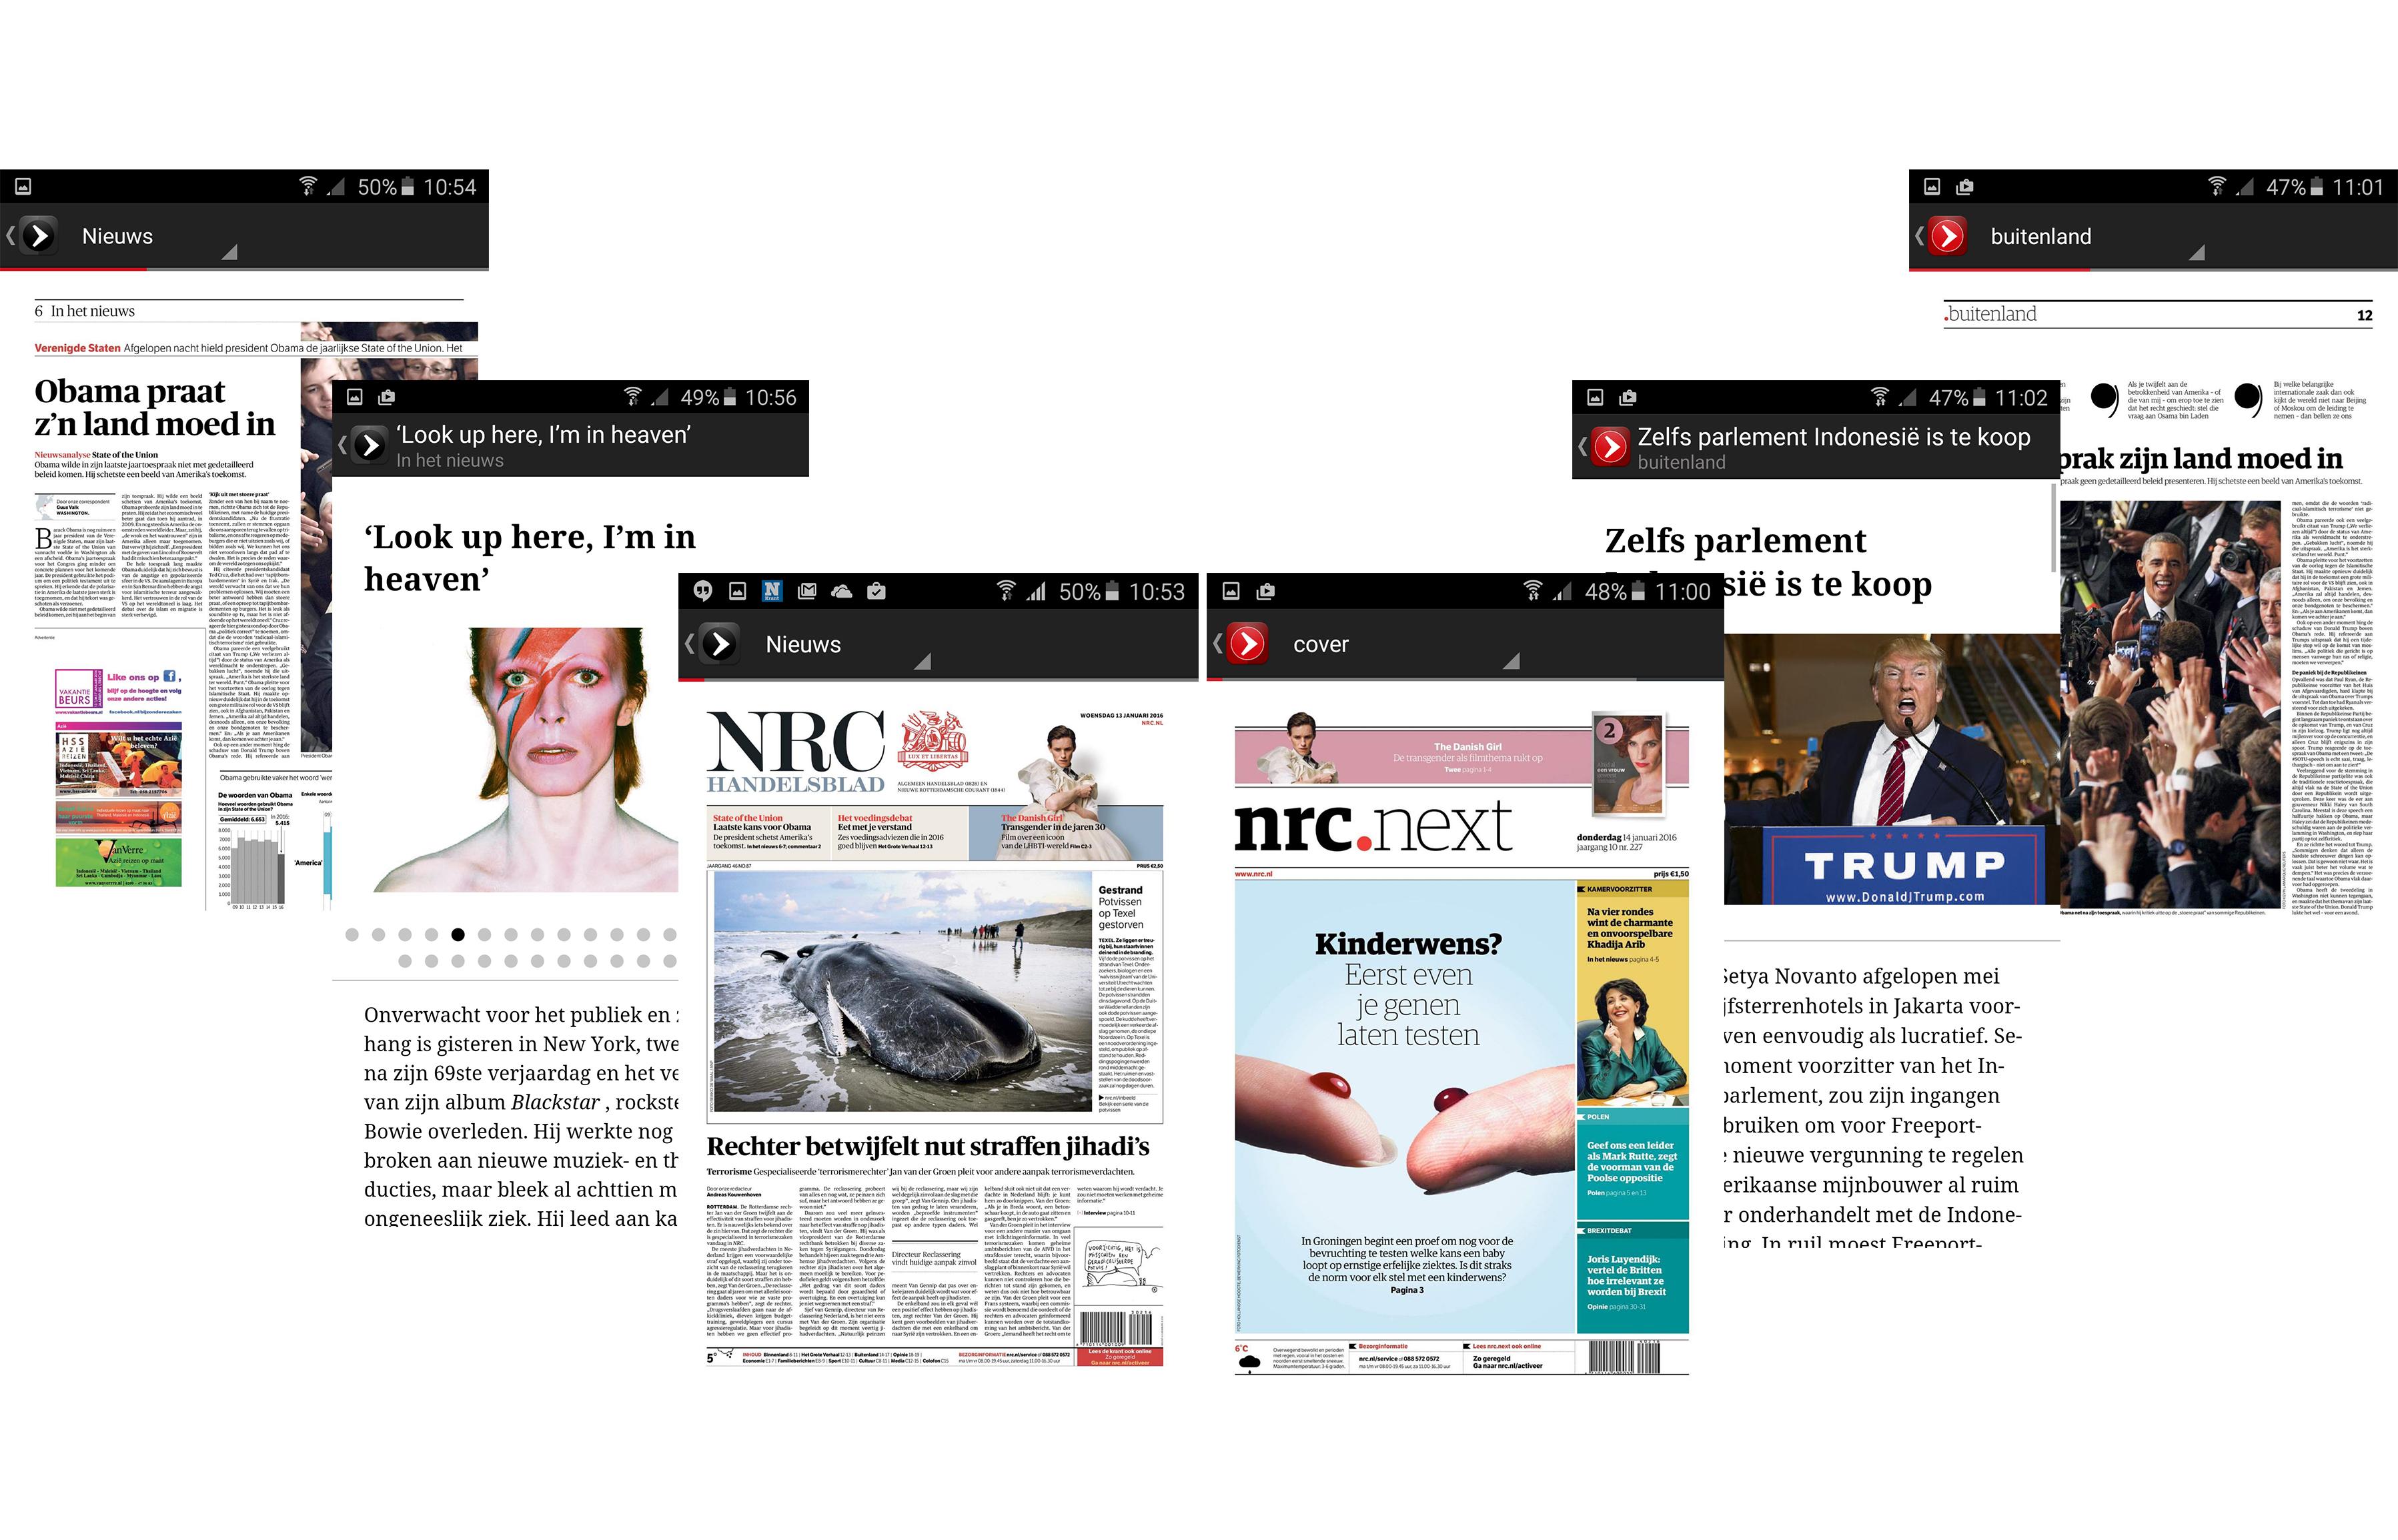 NRC 2 apps3